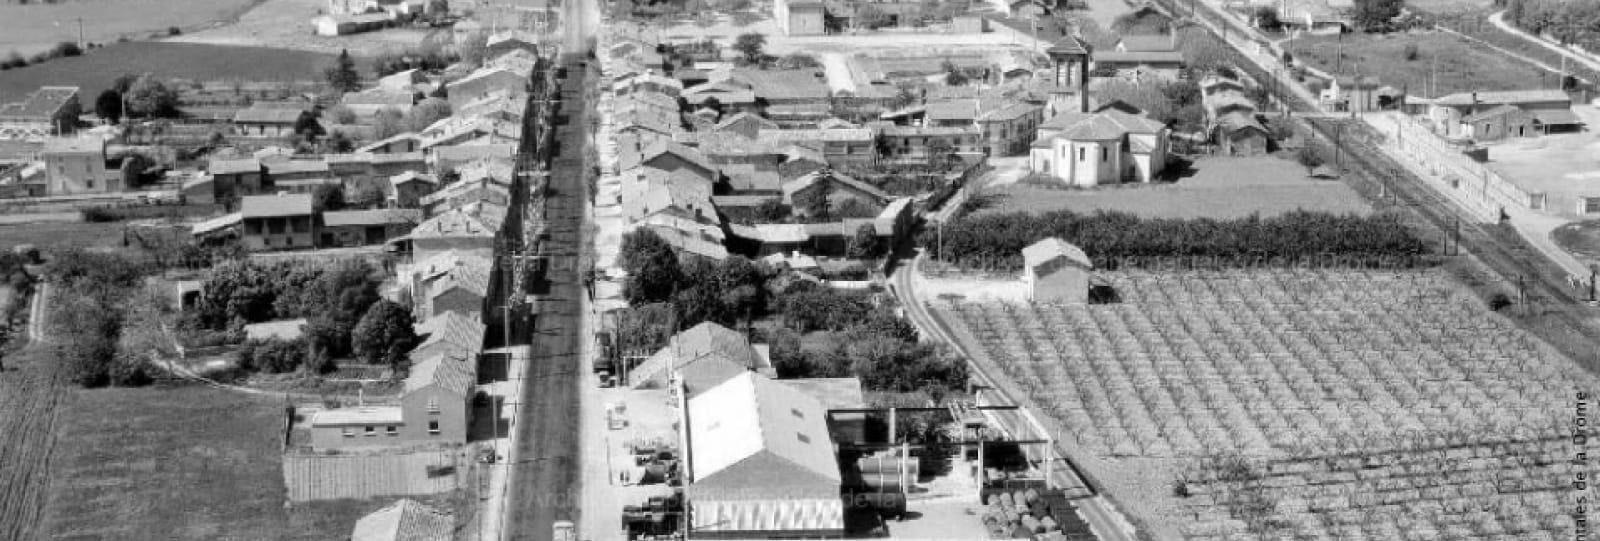 La ville de Saint-Marcel-lès-Valence